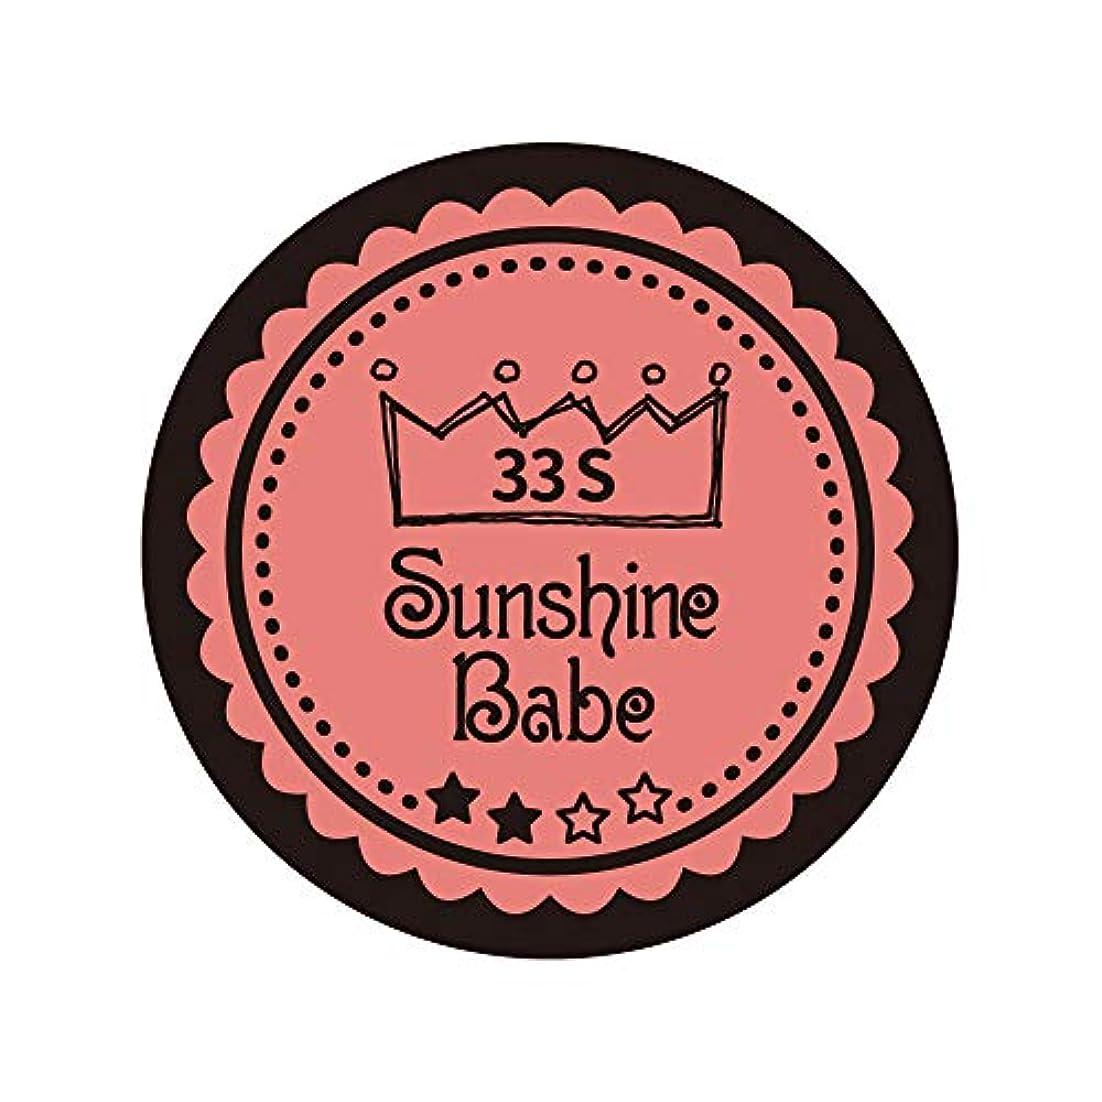 ホバーアクションハイジャックSunshine Babe カラージェル 33S ベイクドコーラルピンク 4g UV/LED対応